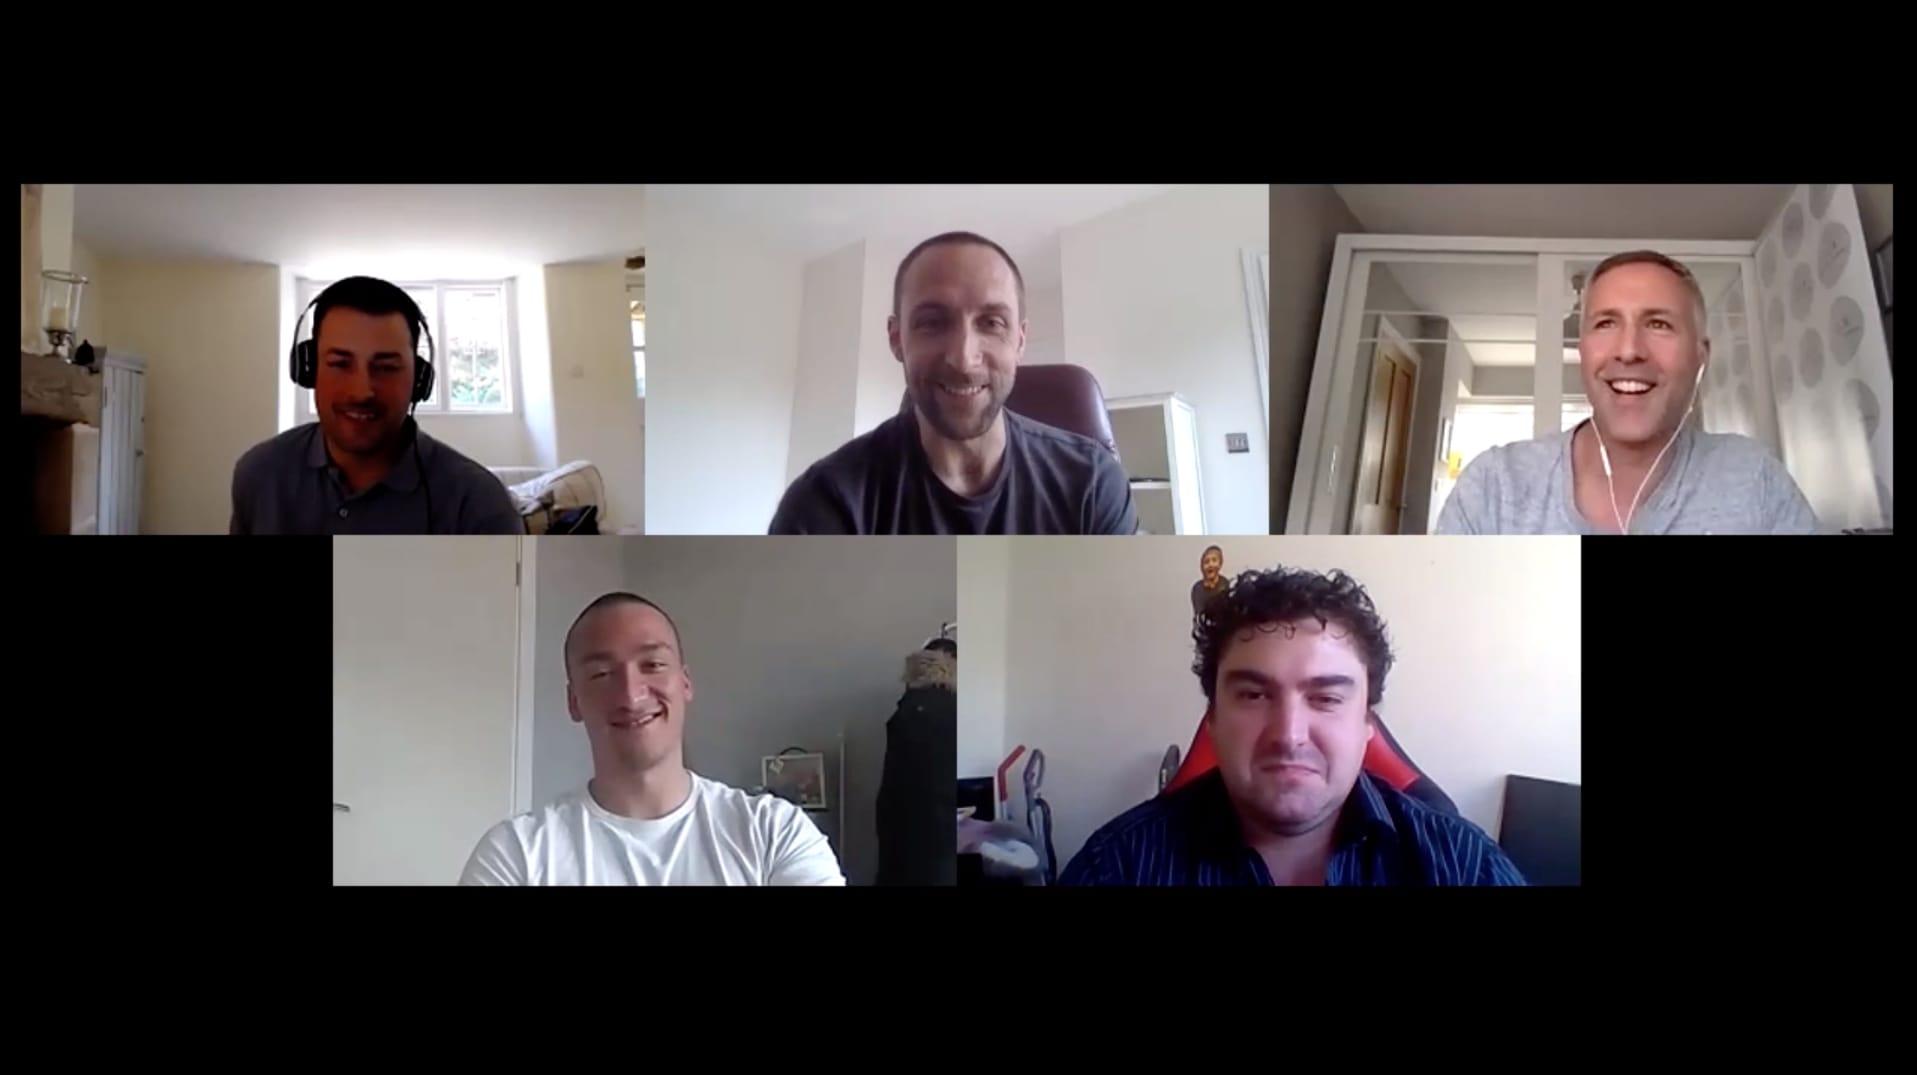 SME conversation over video call